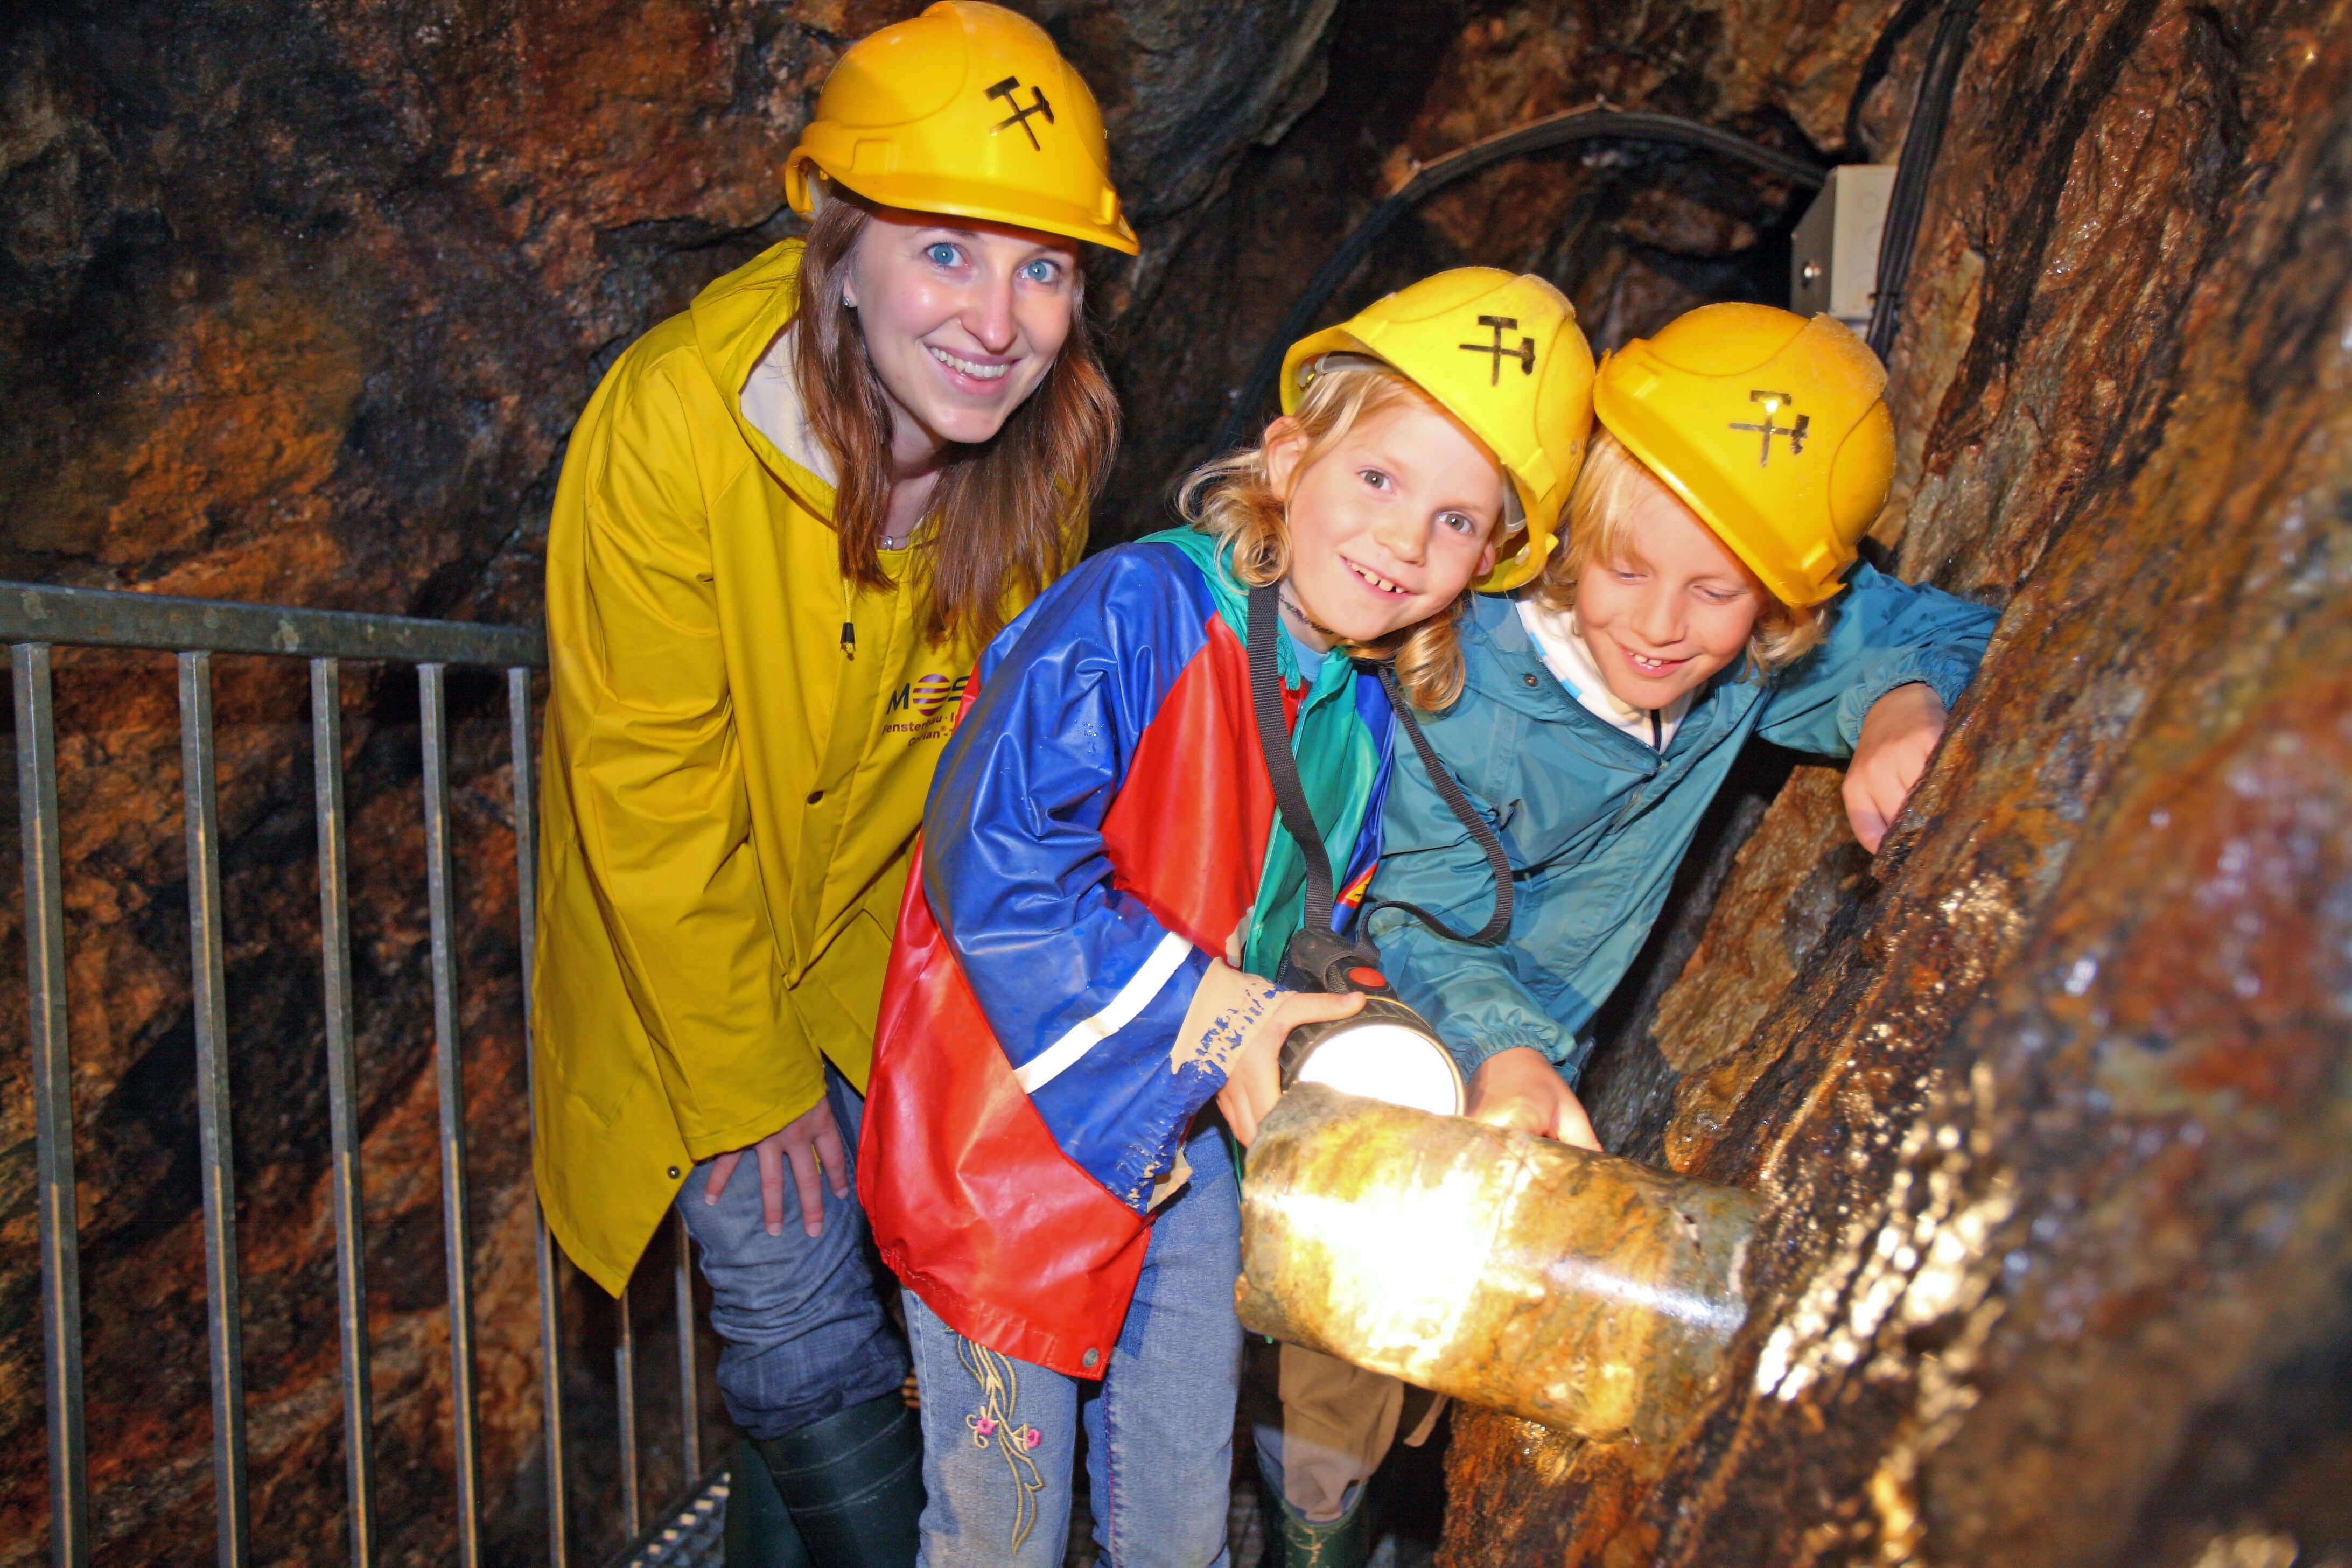 Kinder zu Beusch im Bergwerk, Bergwerksführer bei der Arbeit, Höhle, Bergwerk, Tropfsteine, Helm, Arbeitsjacke, Kinder